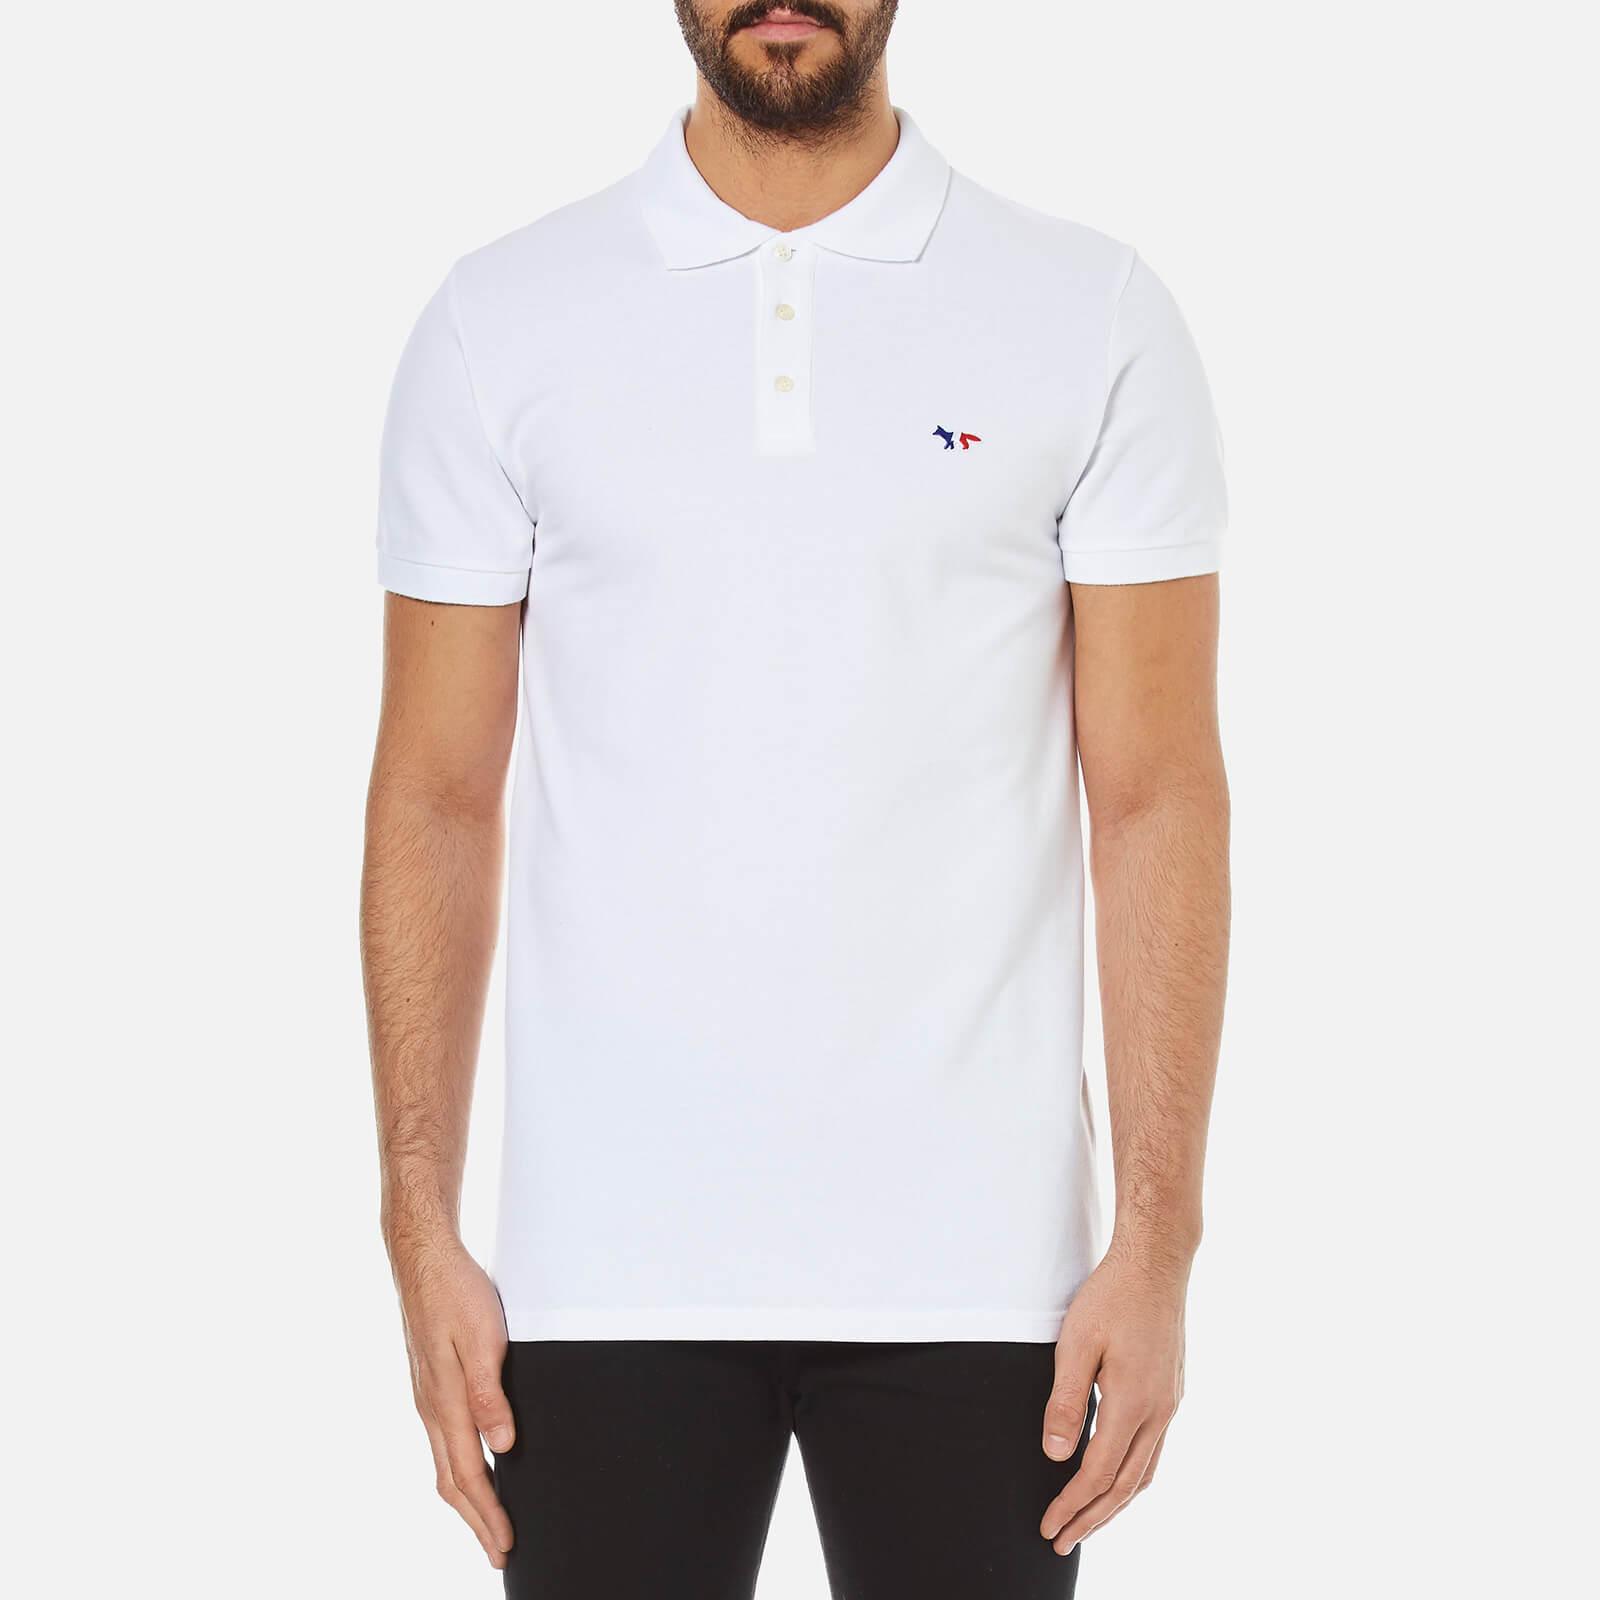 85786d5a0ad0 Maison Kitsuné Men s Tricolor Fox Patch Polo Shirt - White - Free UK ...